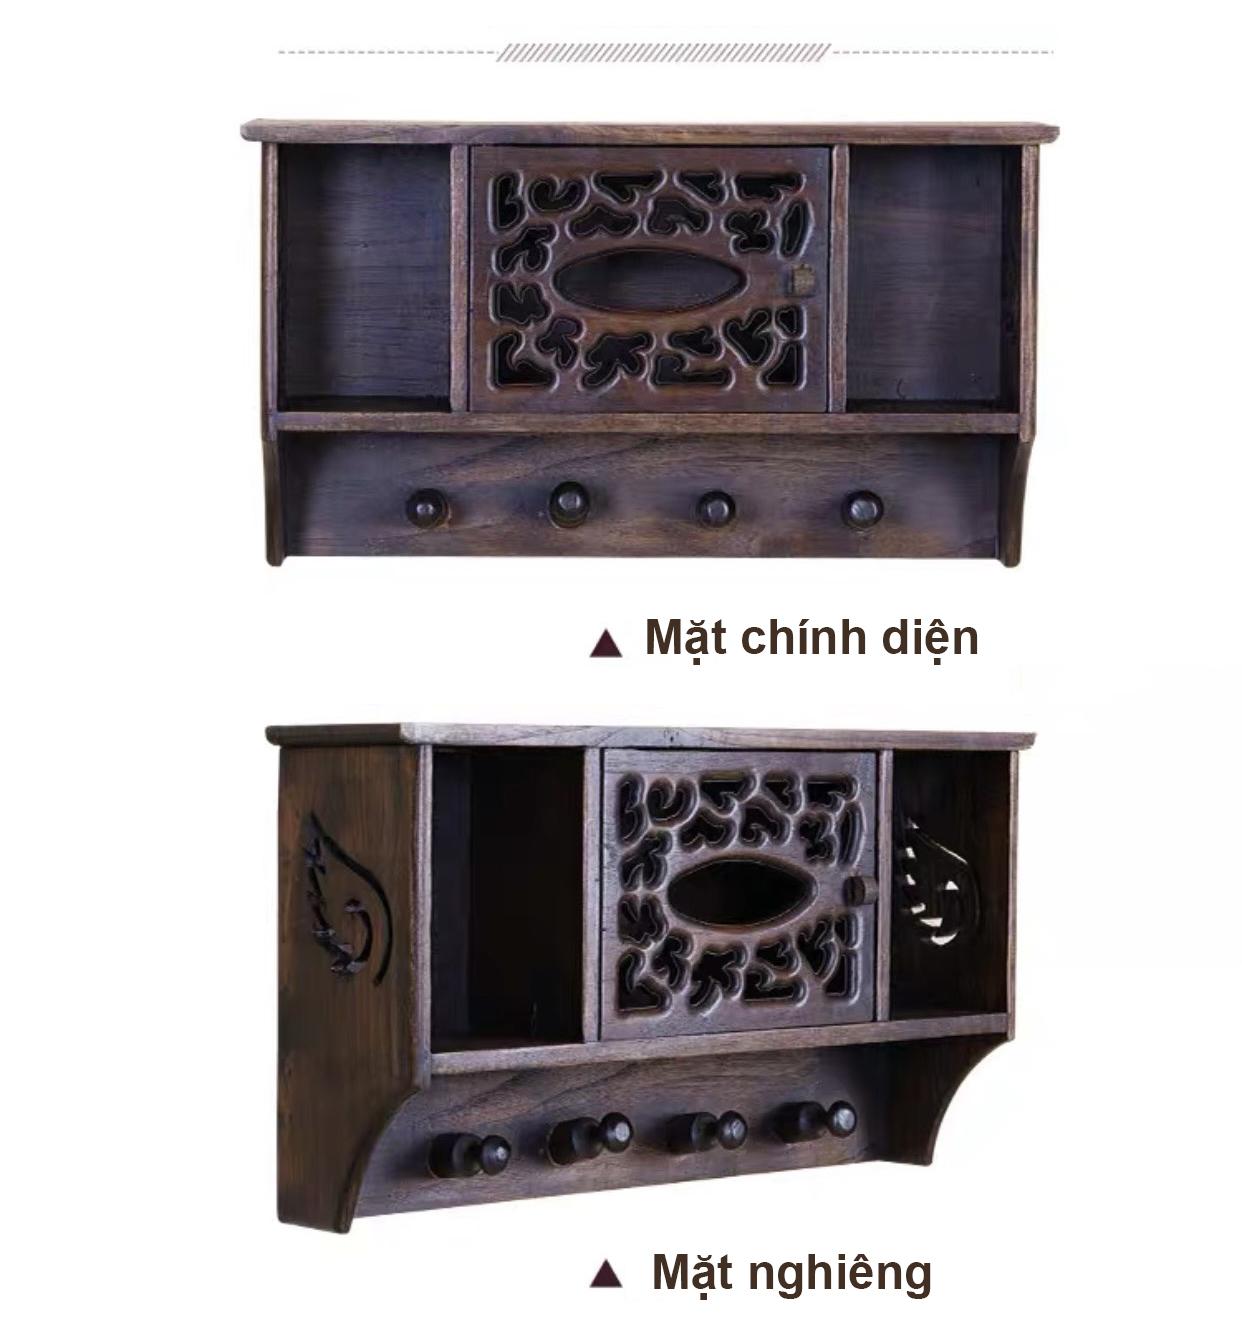 Kệ để đồ và treo khăn bằng  gỗ cao cấp GG646 – Thiết kế cổ xưa, tinh tế và sang trọng